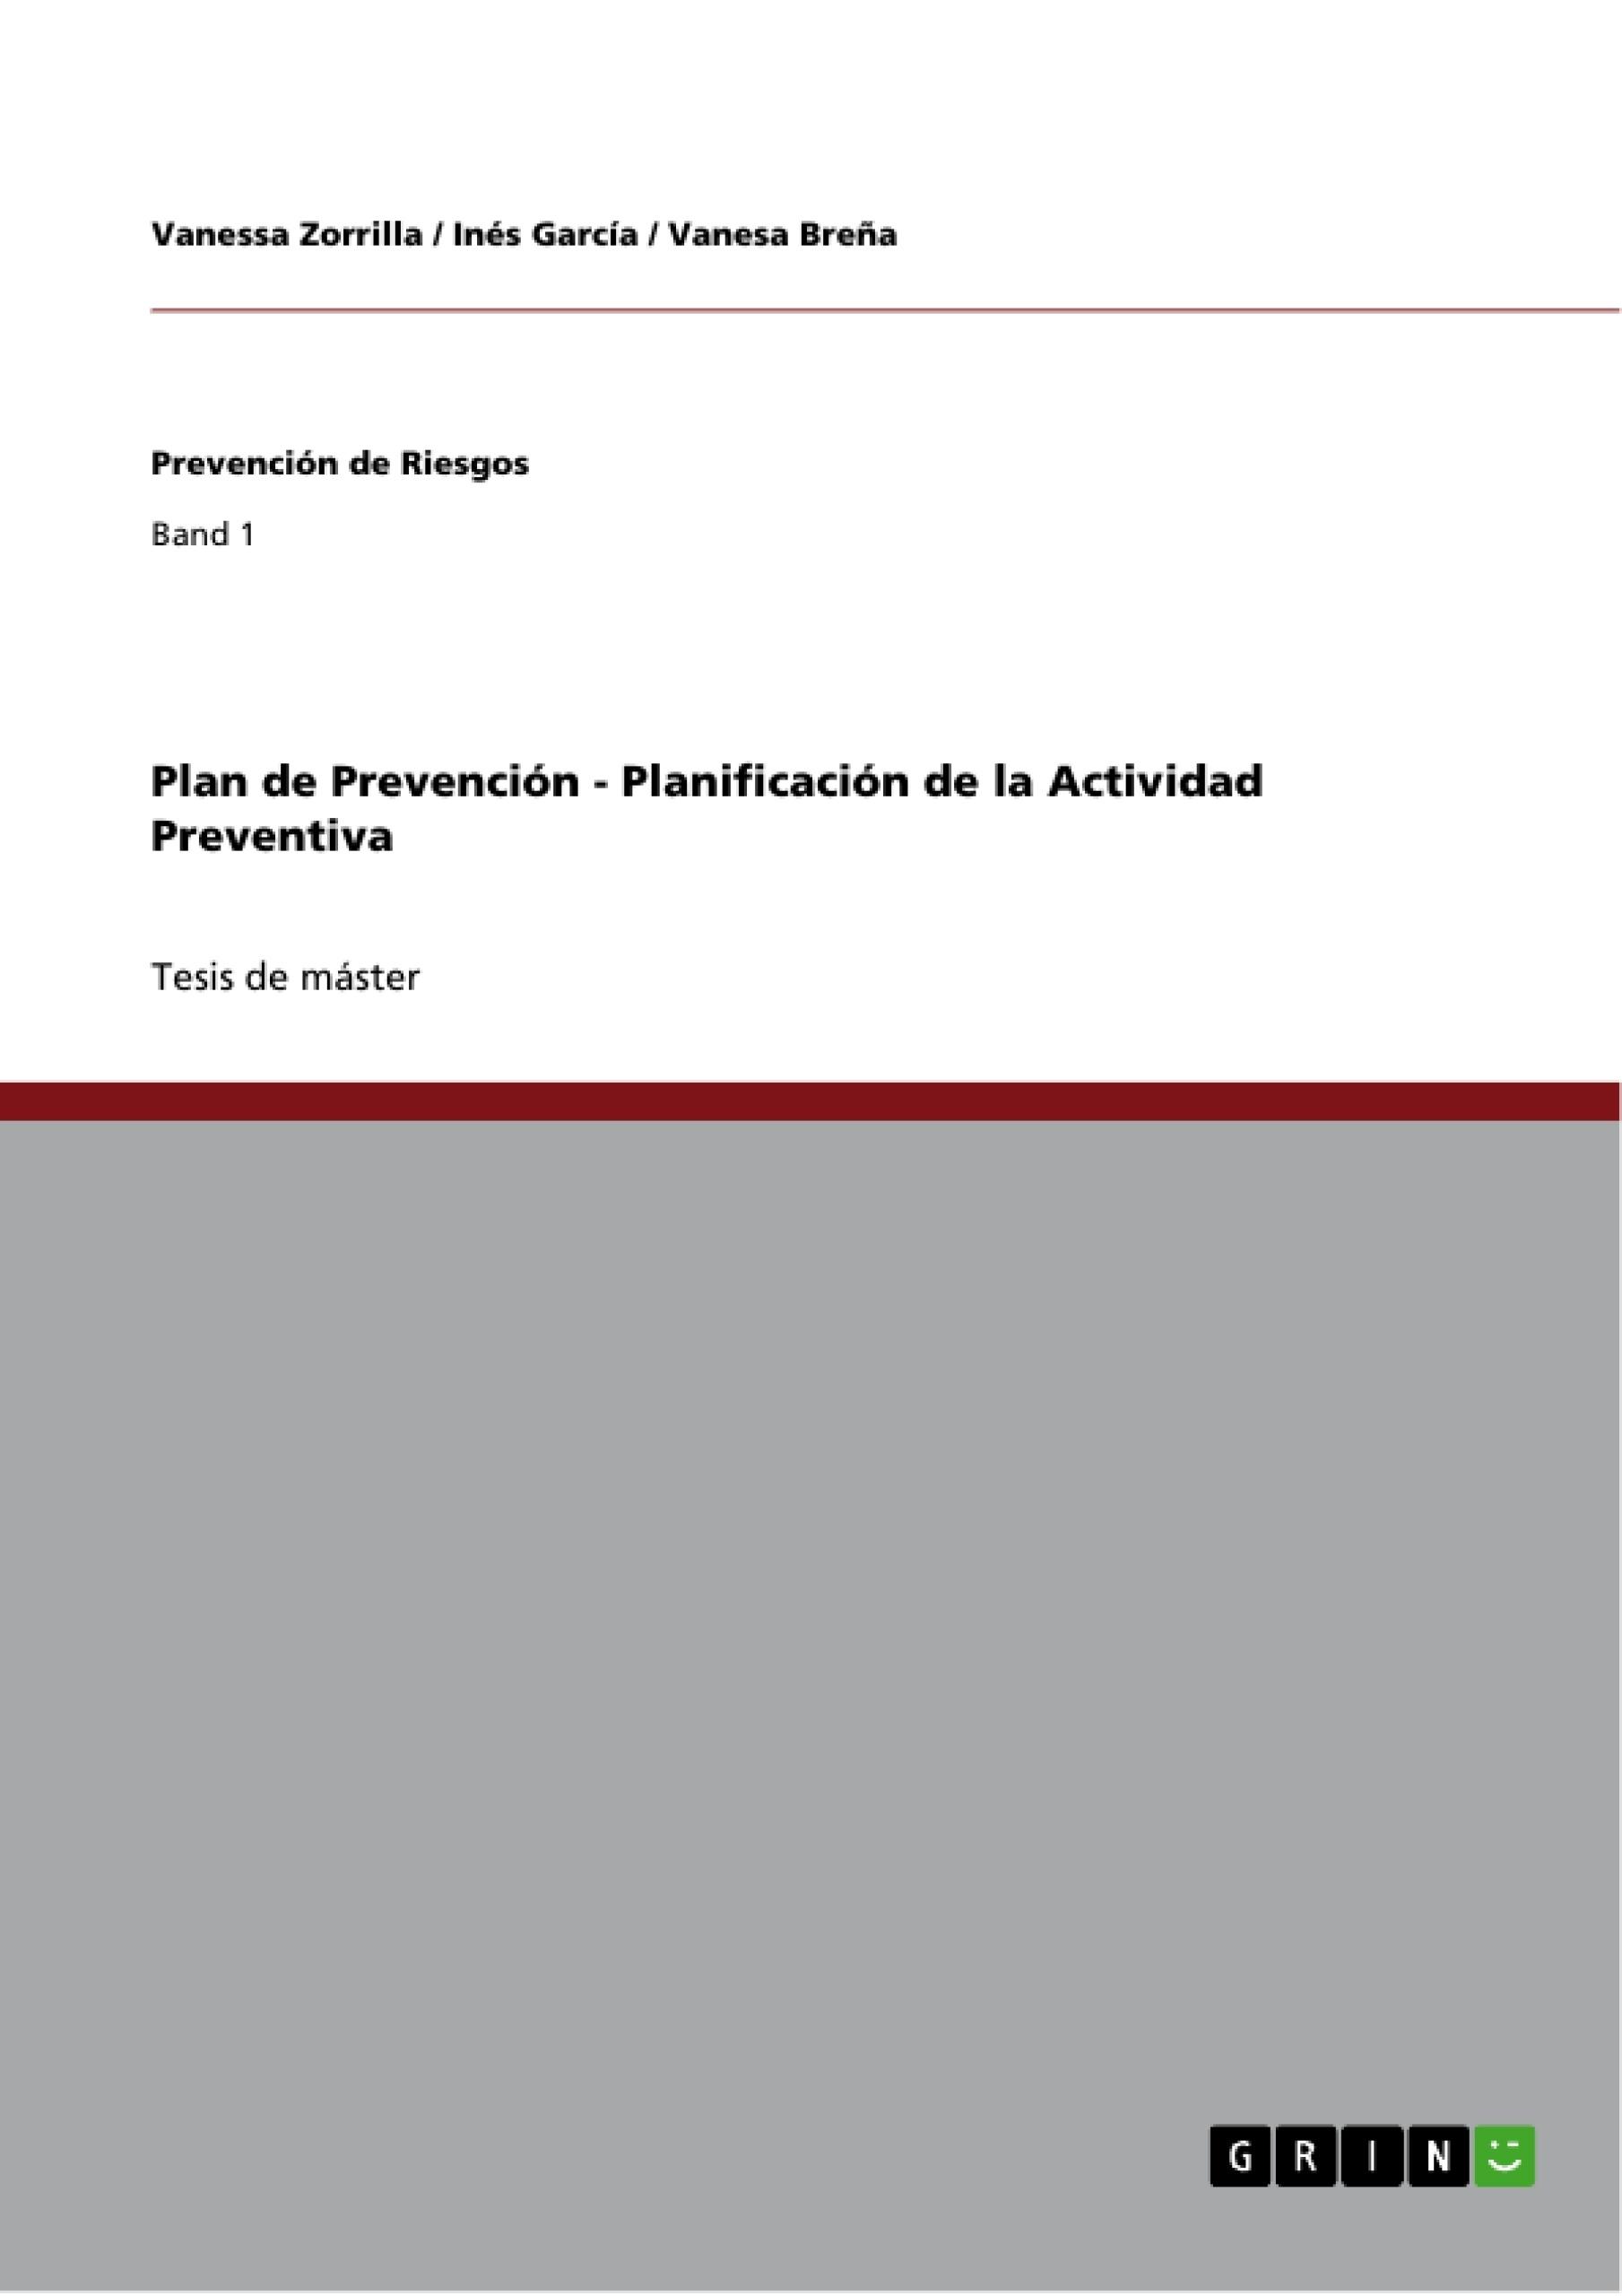 Título: Plan de Prevención - Planificación de la Actividad Preventiva